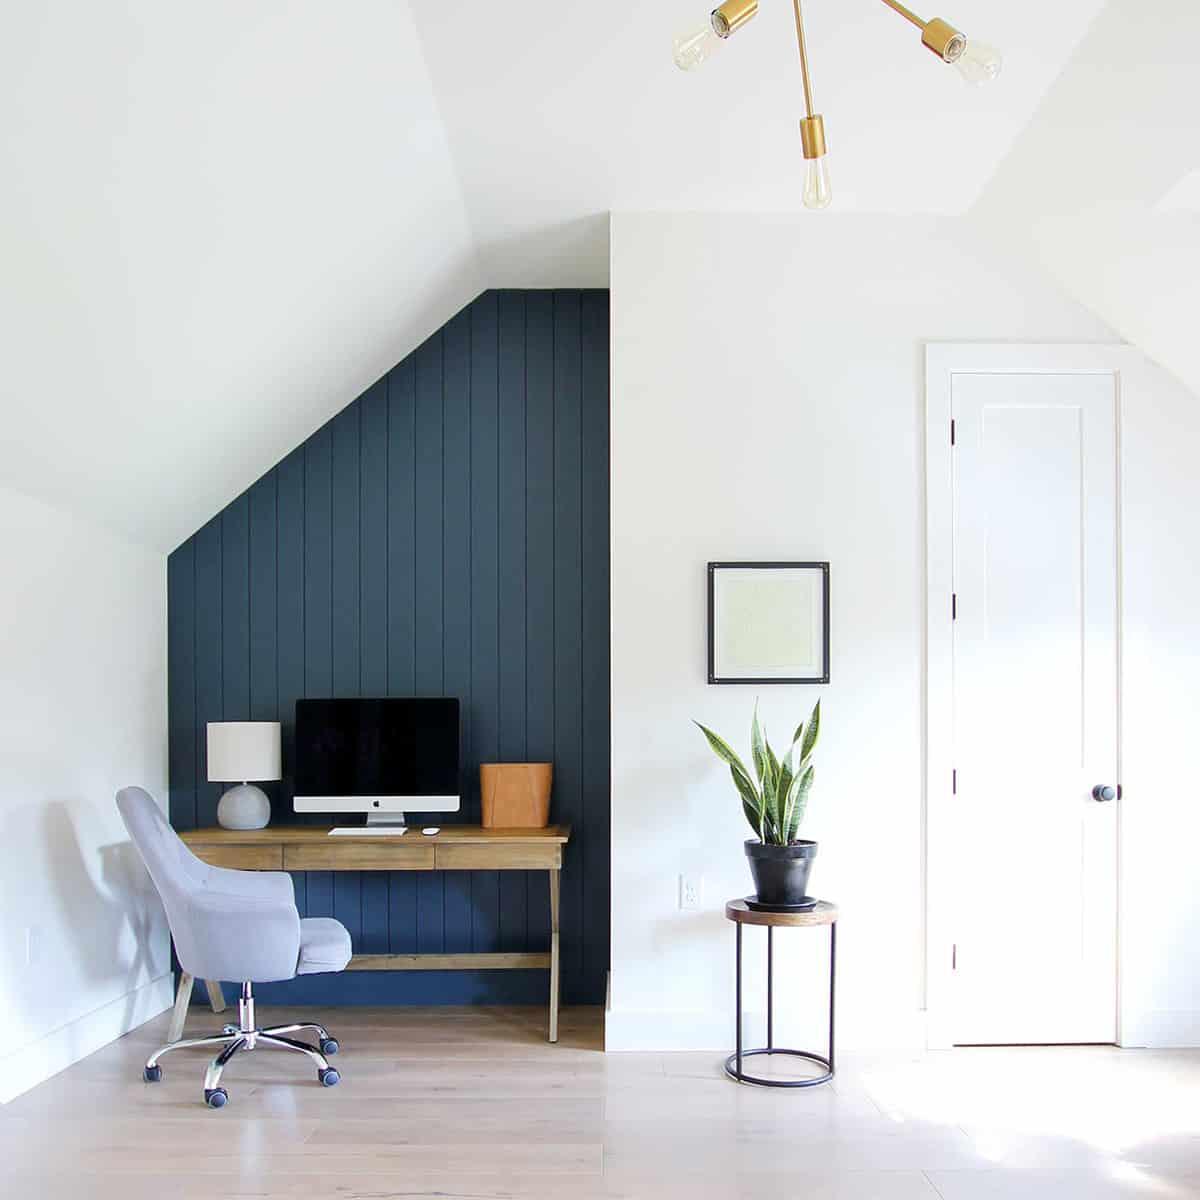 Plank + Pillow Vertical Shiplap Office